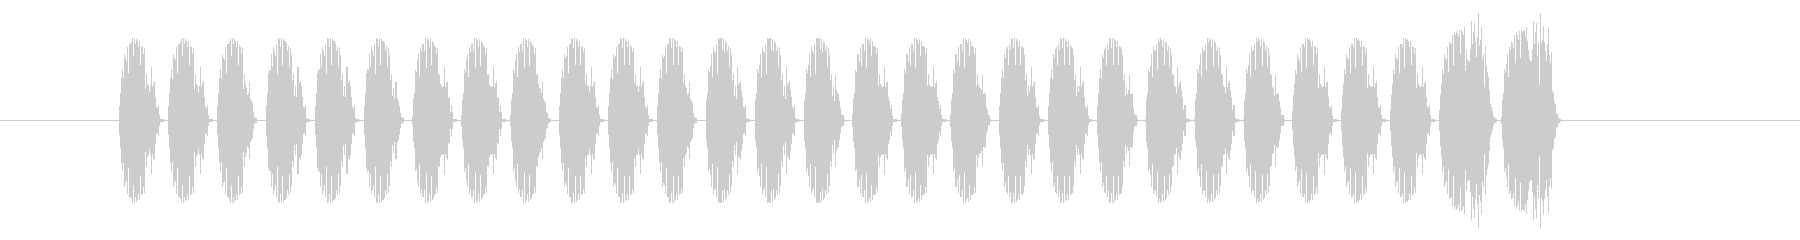 SNES 格闘06-15(スコア)の未再生の波形